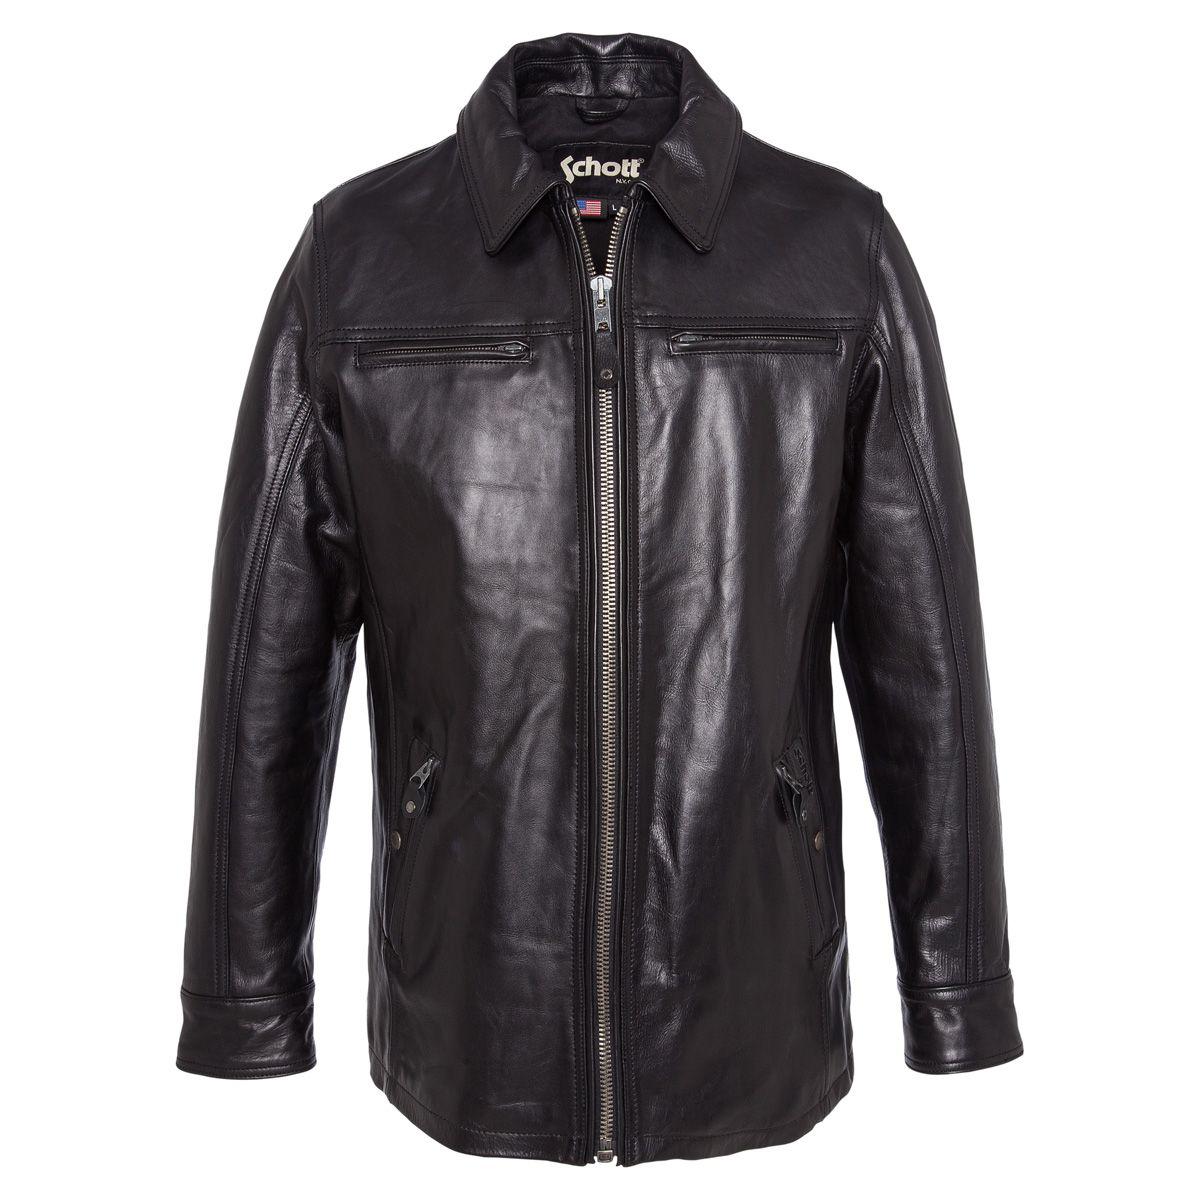 Sélection de vestes et blouson cuir Schott, Chevignon, Kaporal à -65% - Ex : Veste longue casual vachette Schott LC 2105B